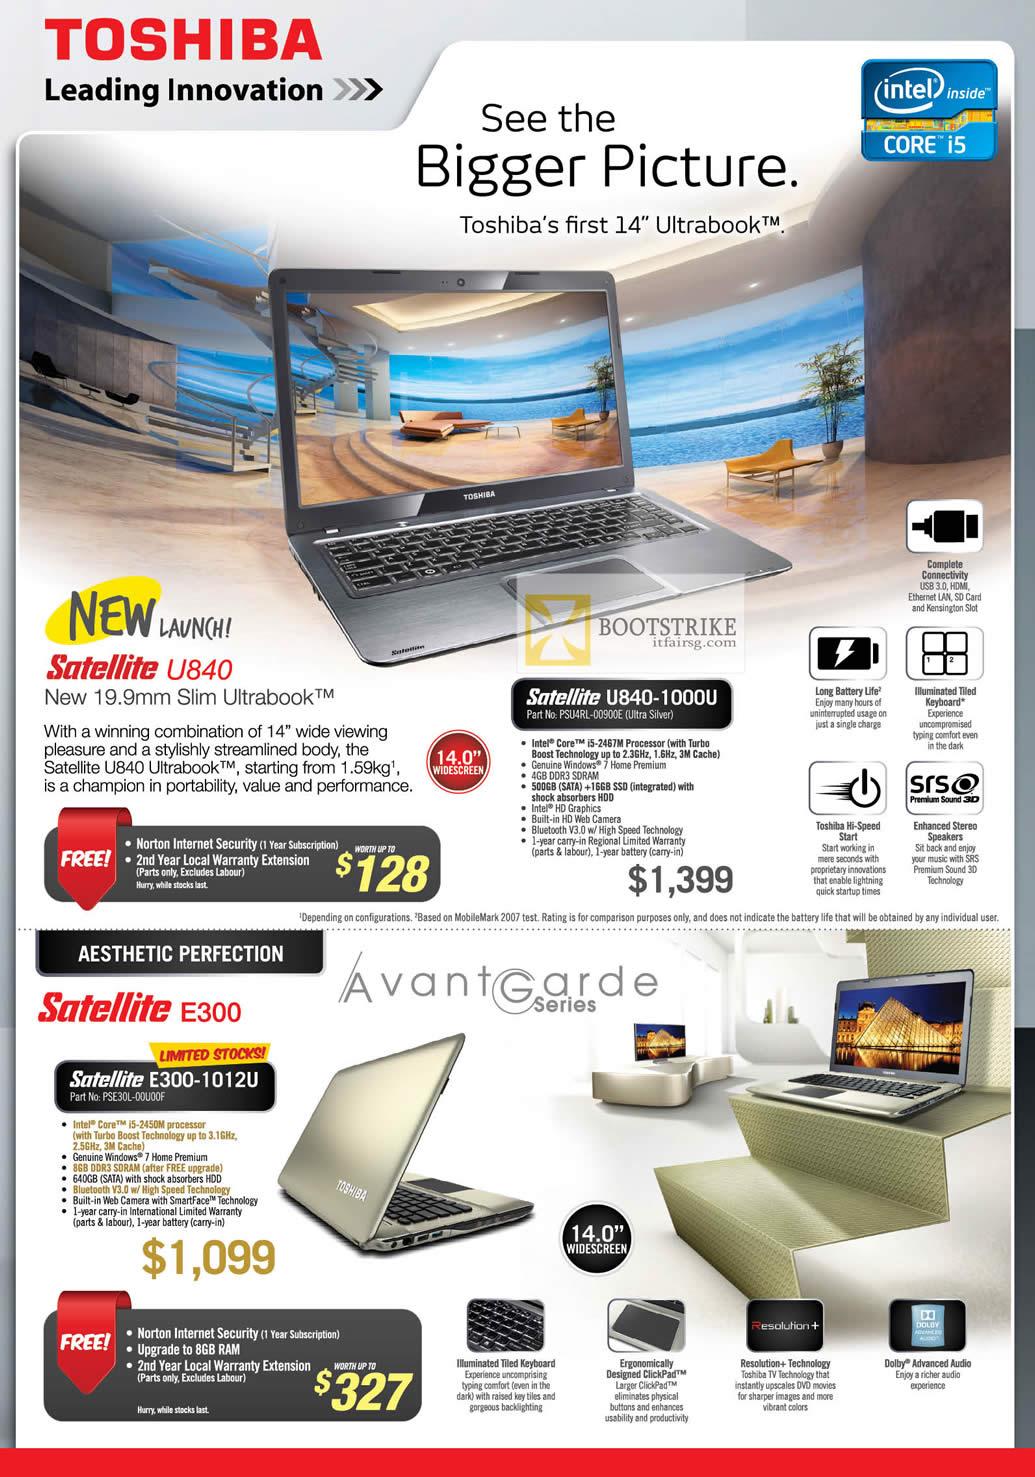 IT SHOW 2012 price list image brochure of Toshiba Notebooks U840 Ultrabook U840-1000U PSU4RL-00900E, E300-1012U PSE30L-00U00F